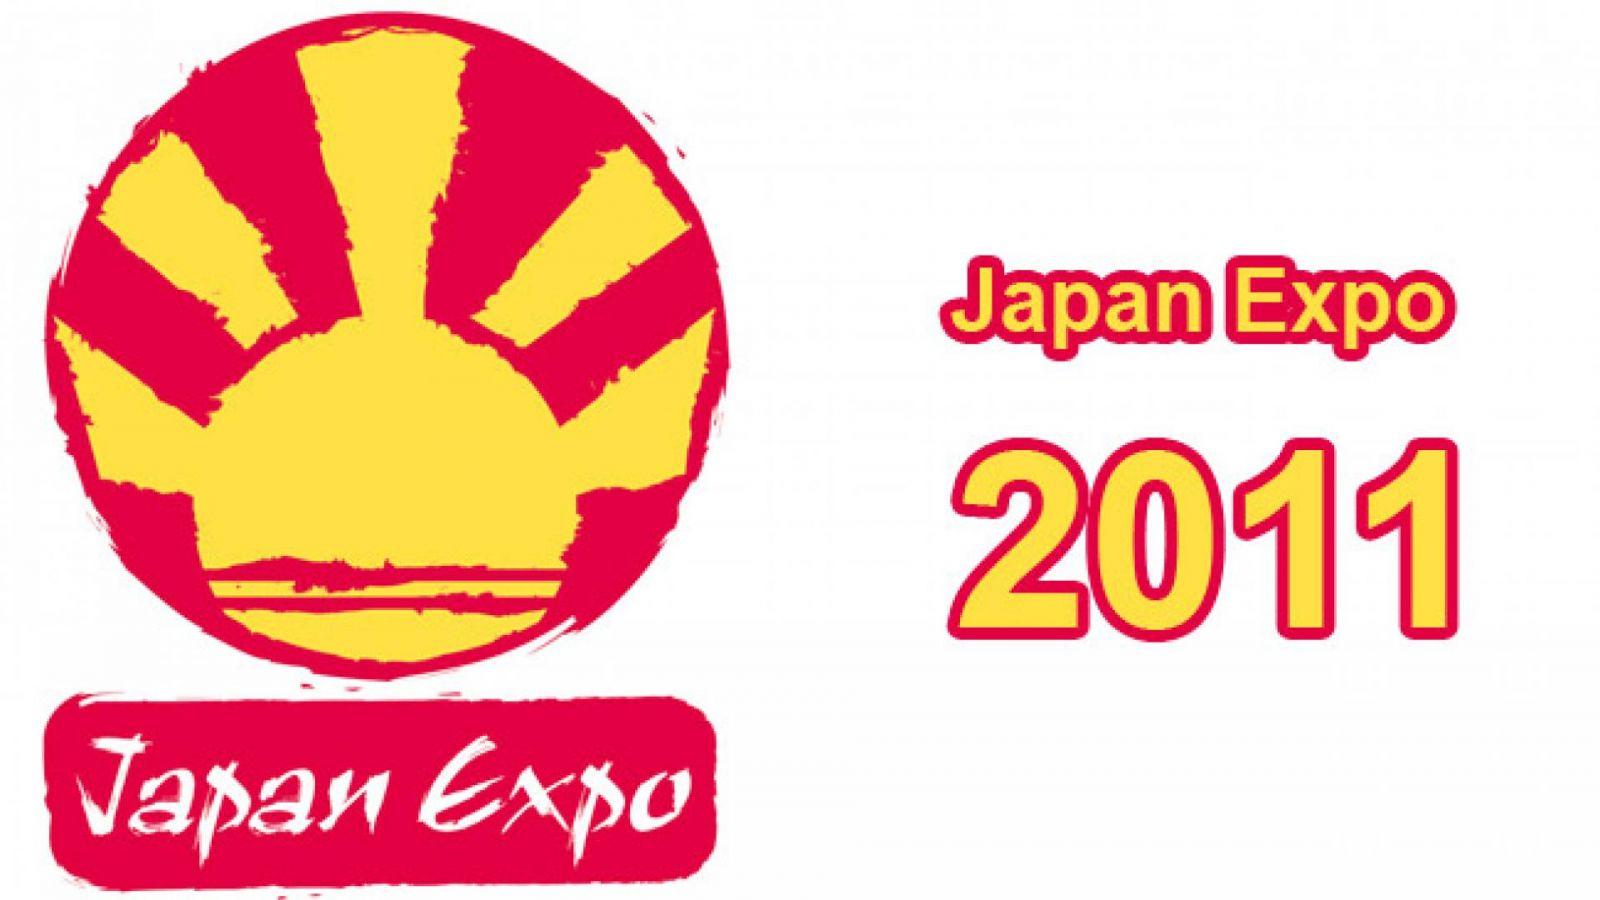 Japan Expo acontecerá nesta semana em Paris © SEFA